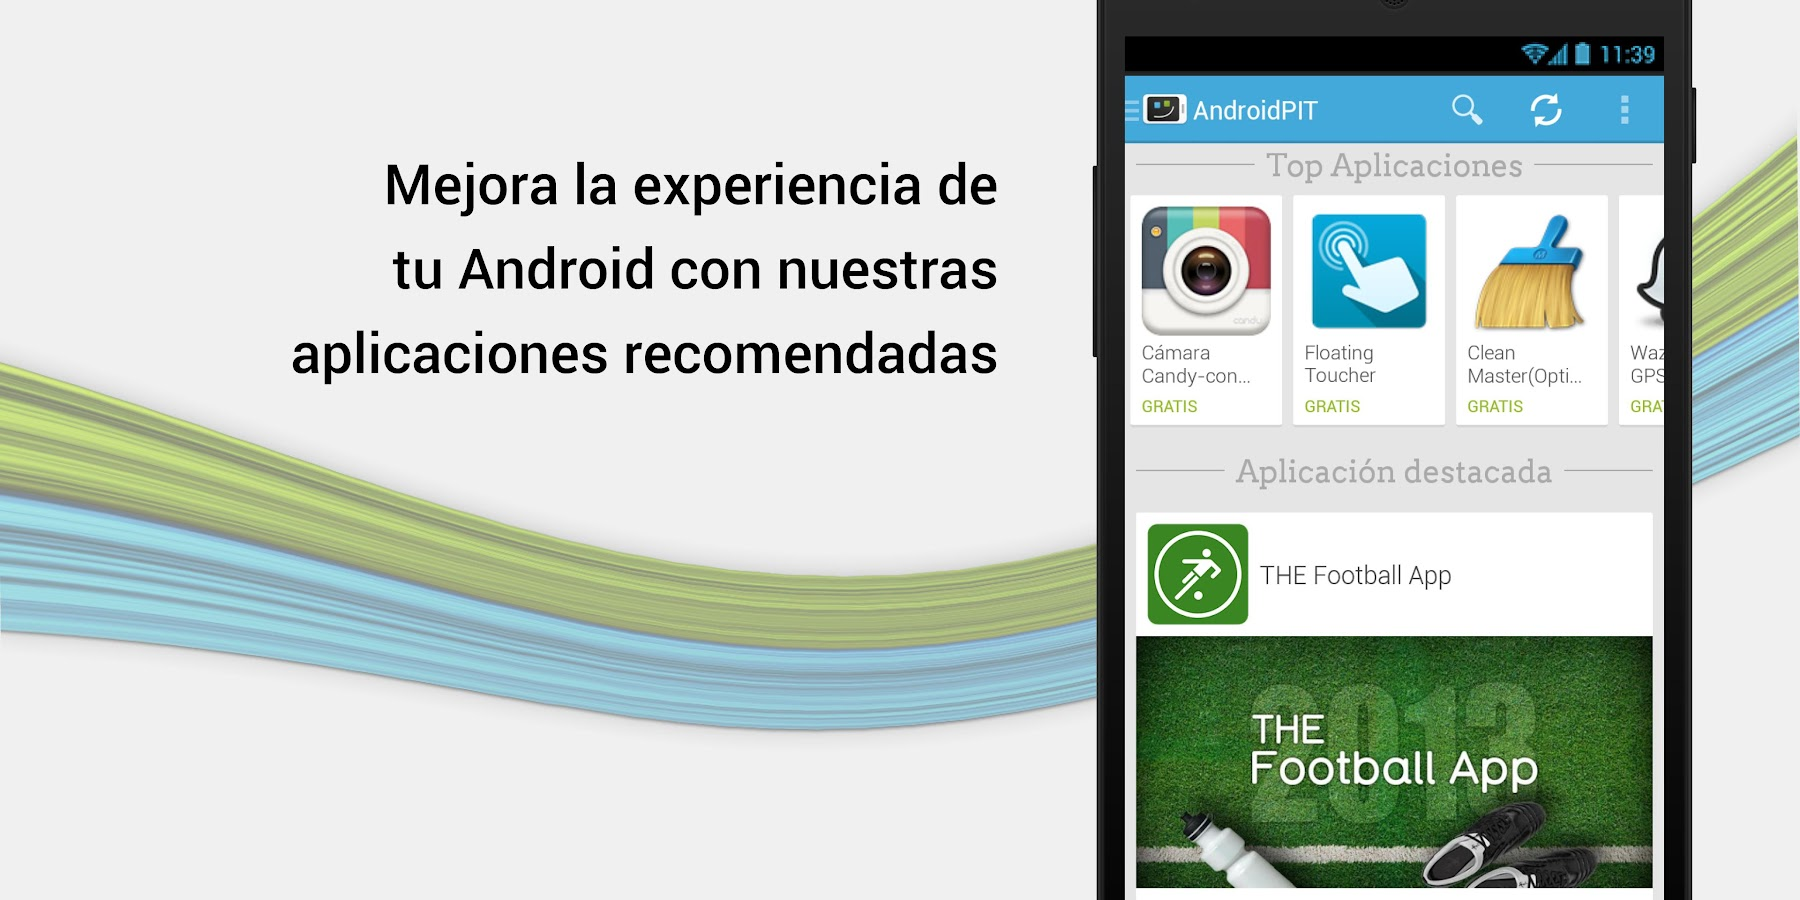 Androidpit apps noticias foro aplicaciones android en for App noticias android